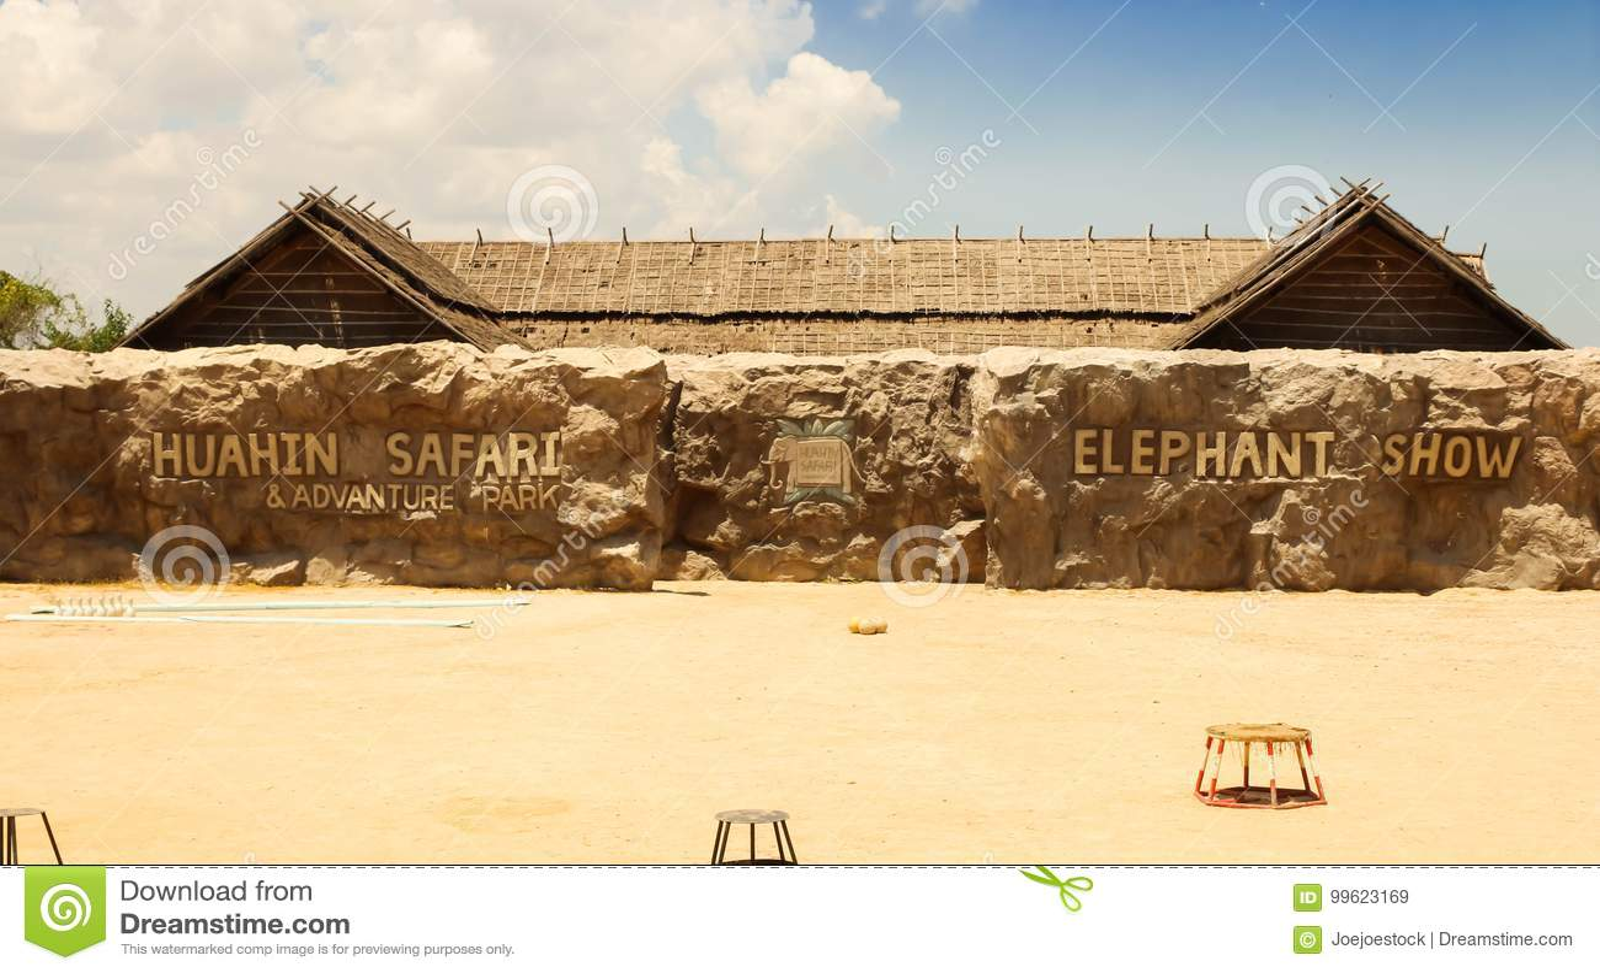 Ο εκδοτικός-ελέφαντας παρουσιάζει στο σαφάρι HuaHin, Ταϊλάνδη